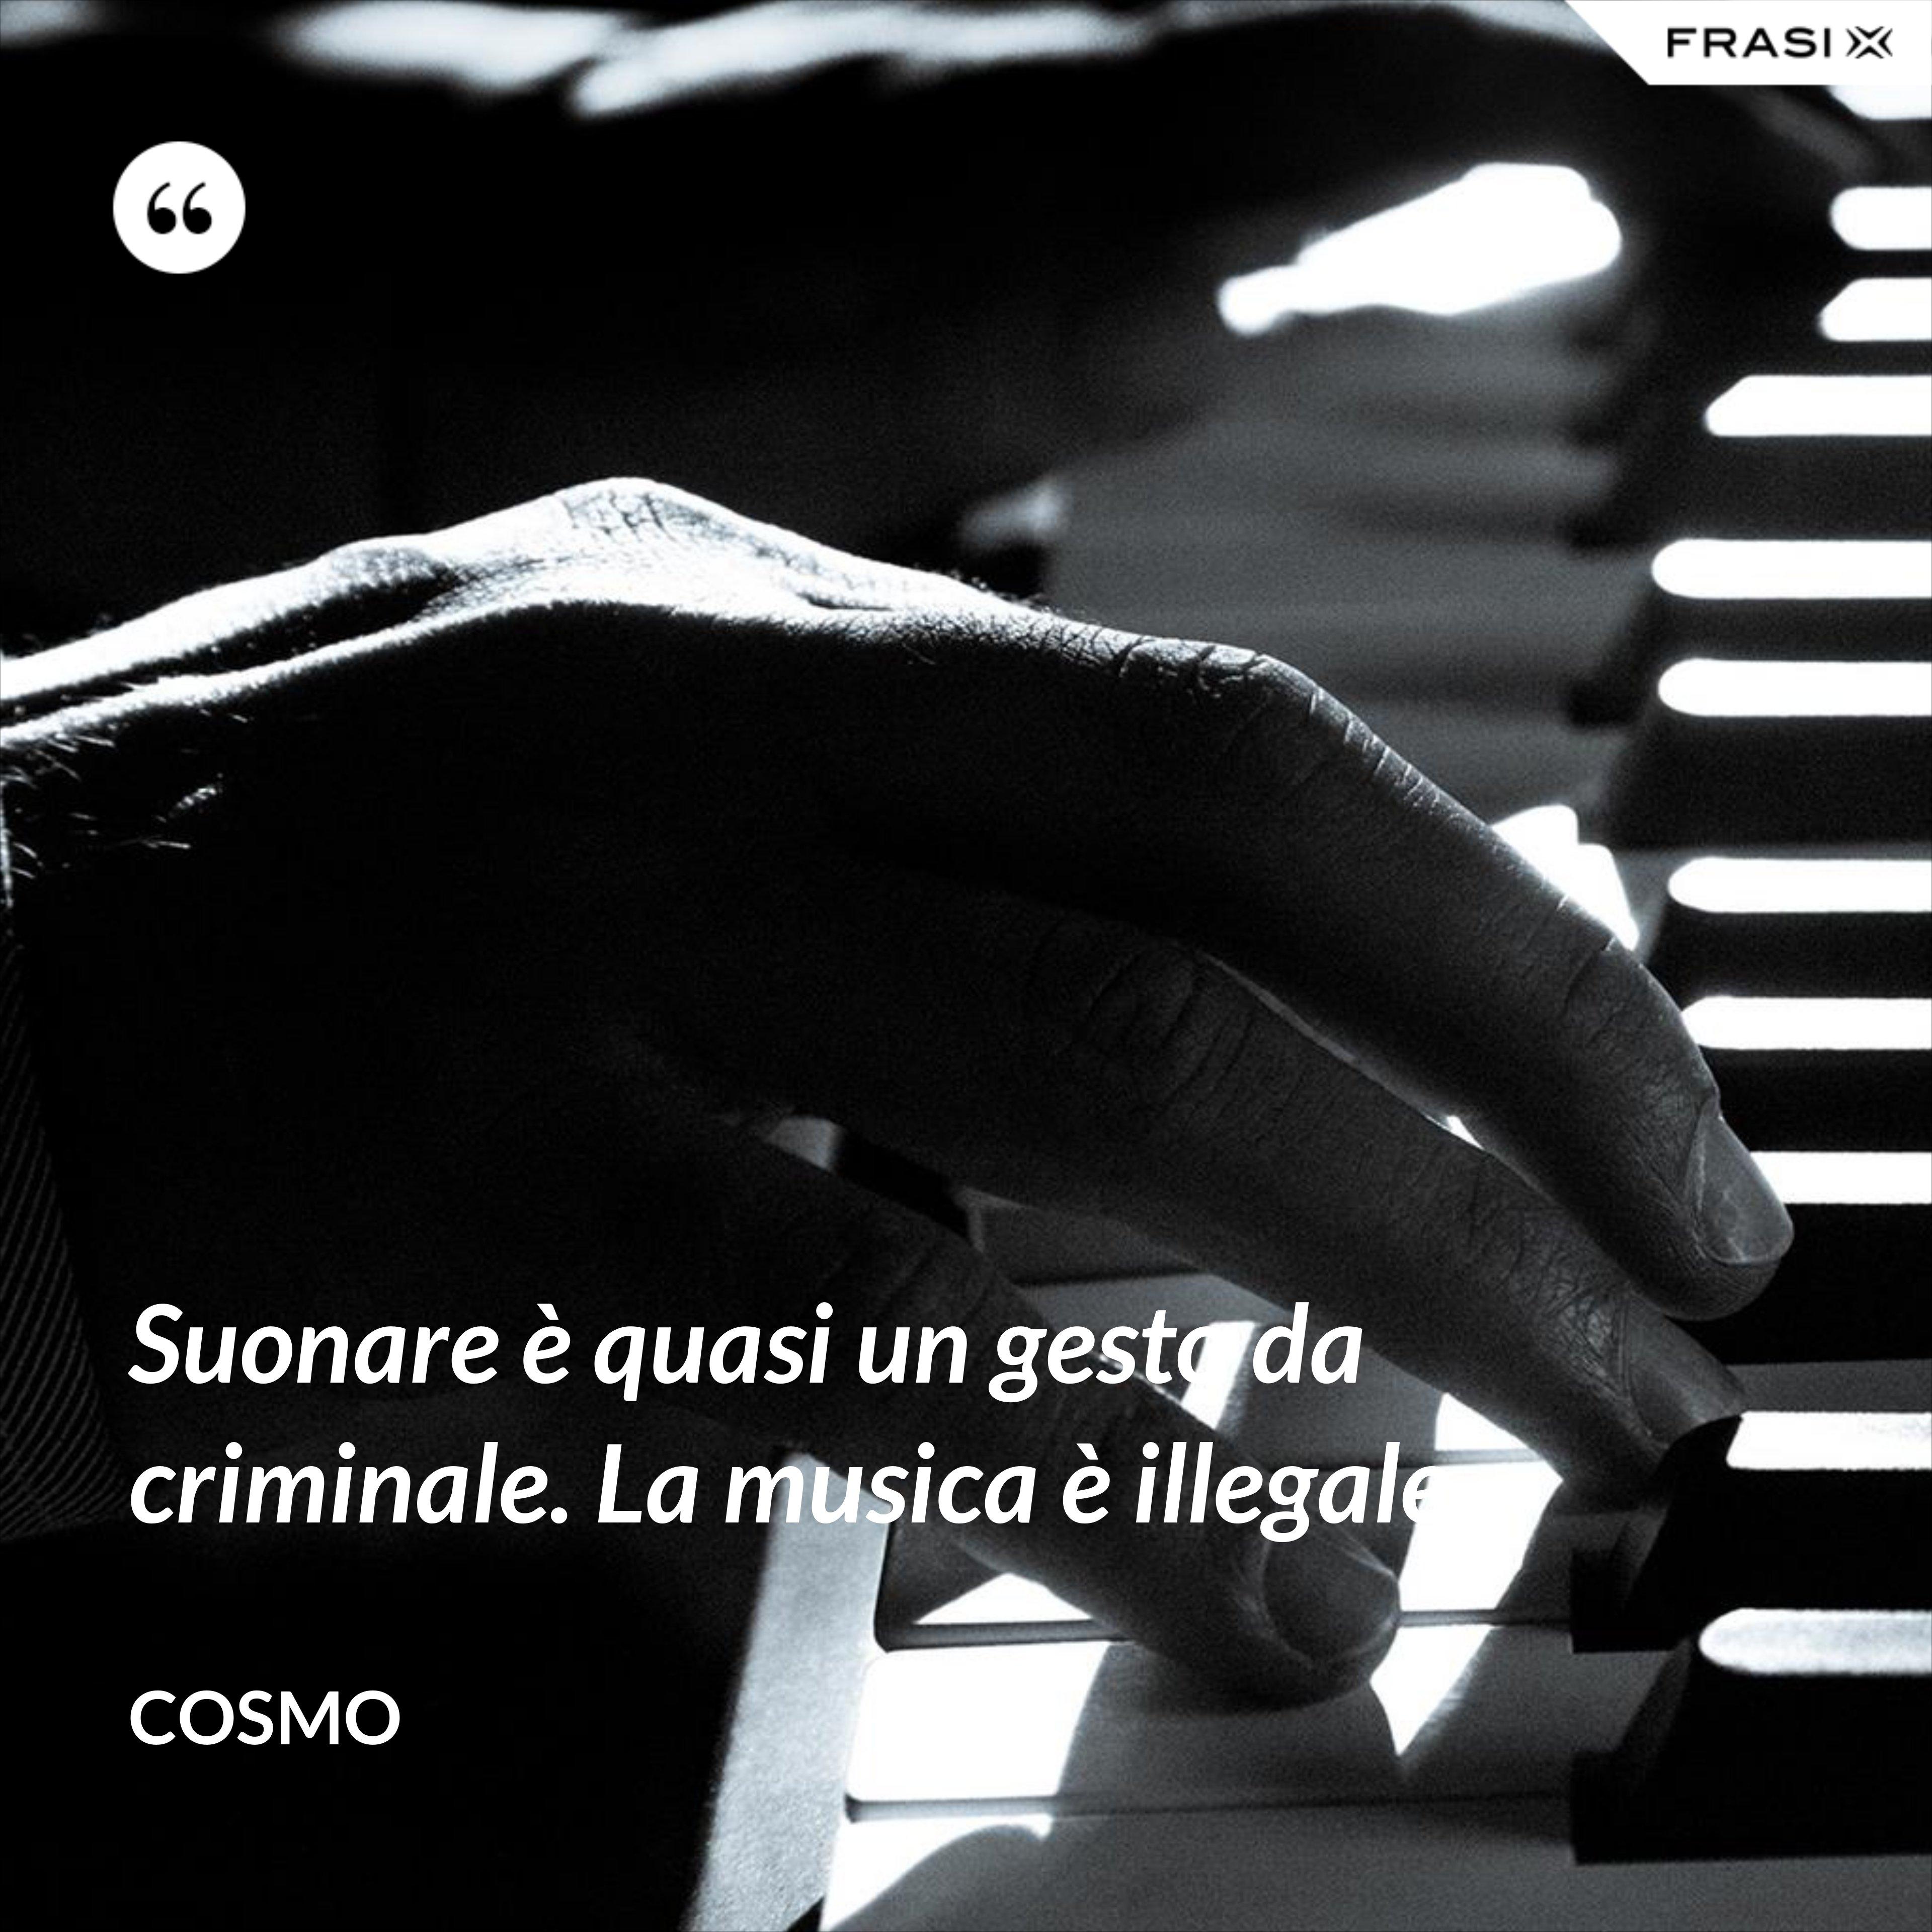 Suonare è quasi un gesto da criminale. La musica è illegale. - Cosmo